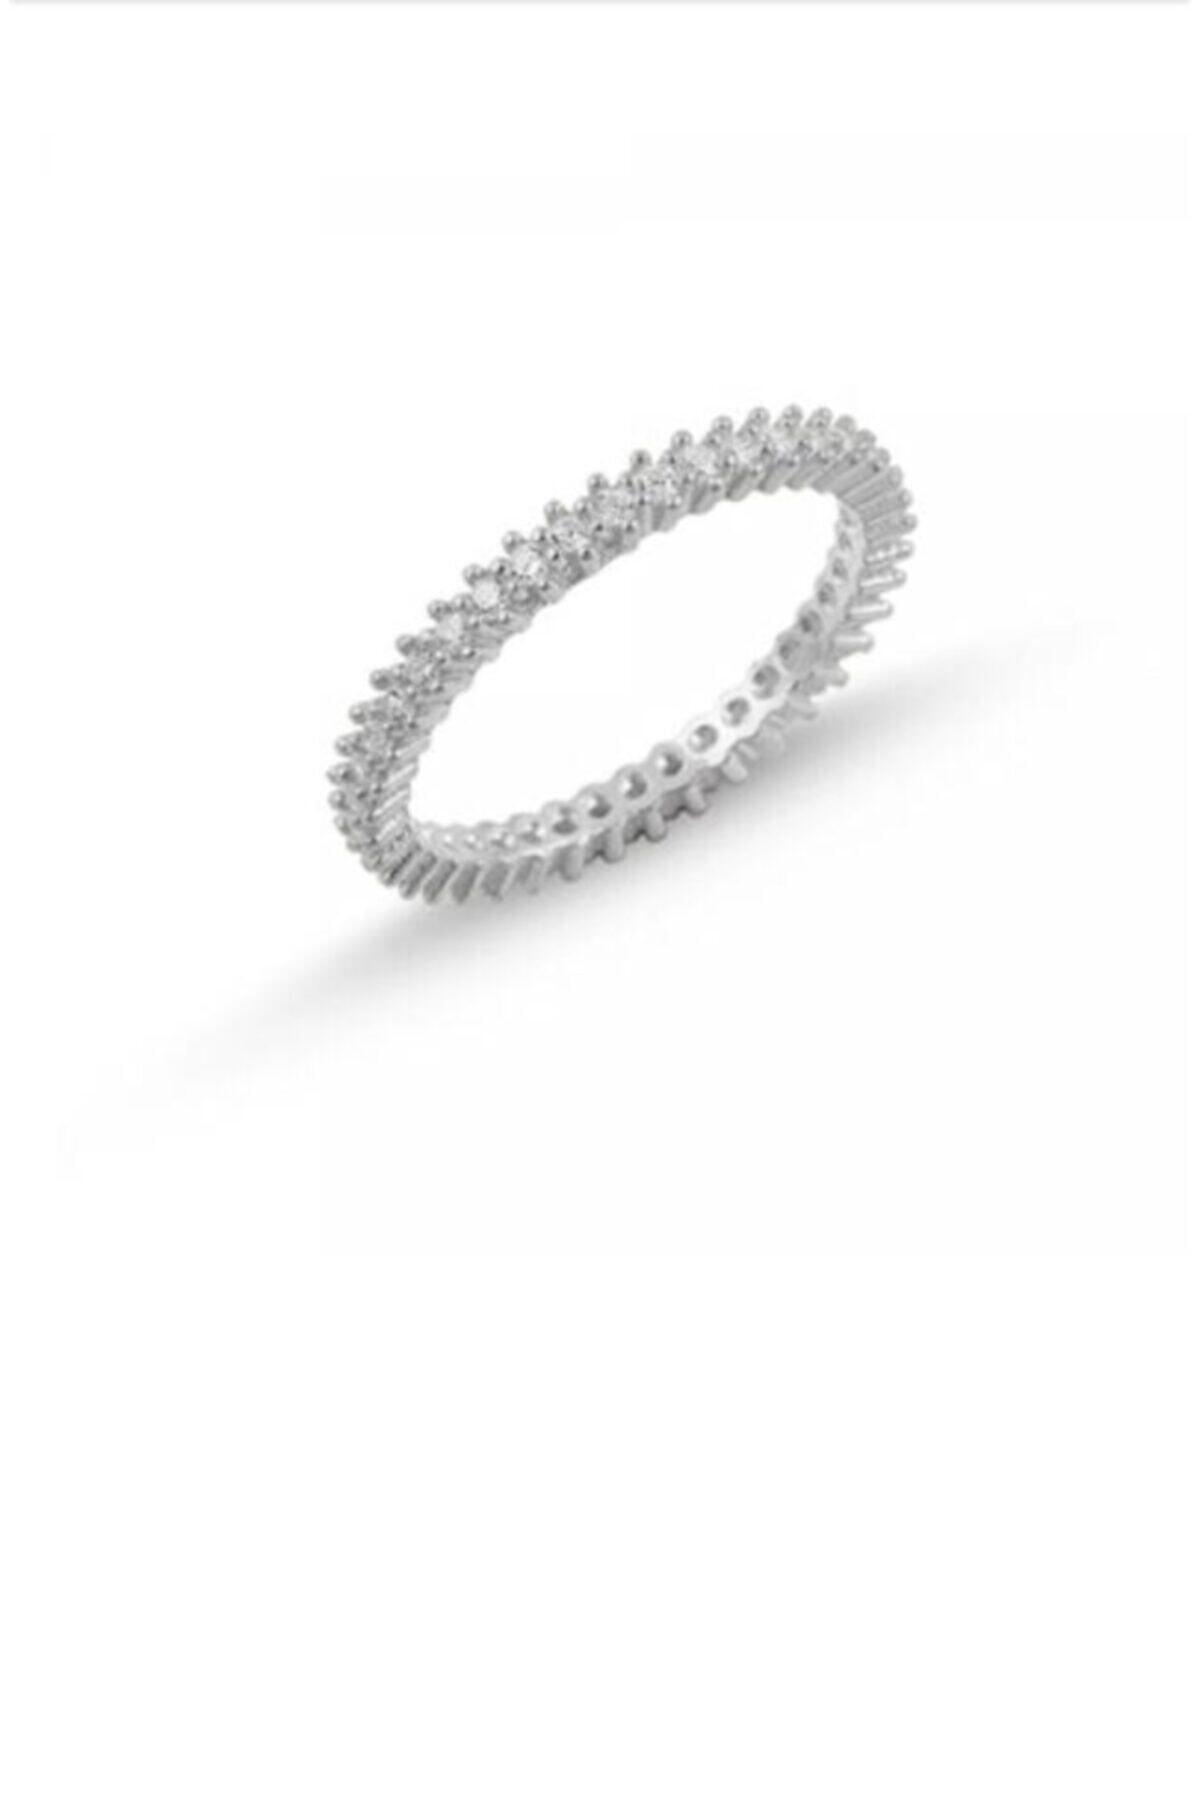 takı tak silver Bayan 925 Ayar Gümüş Zirkon Taşlı Işlemeli Tek Sıra Tamtur Gümüş Rengi Yüzük 1